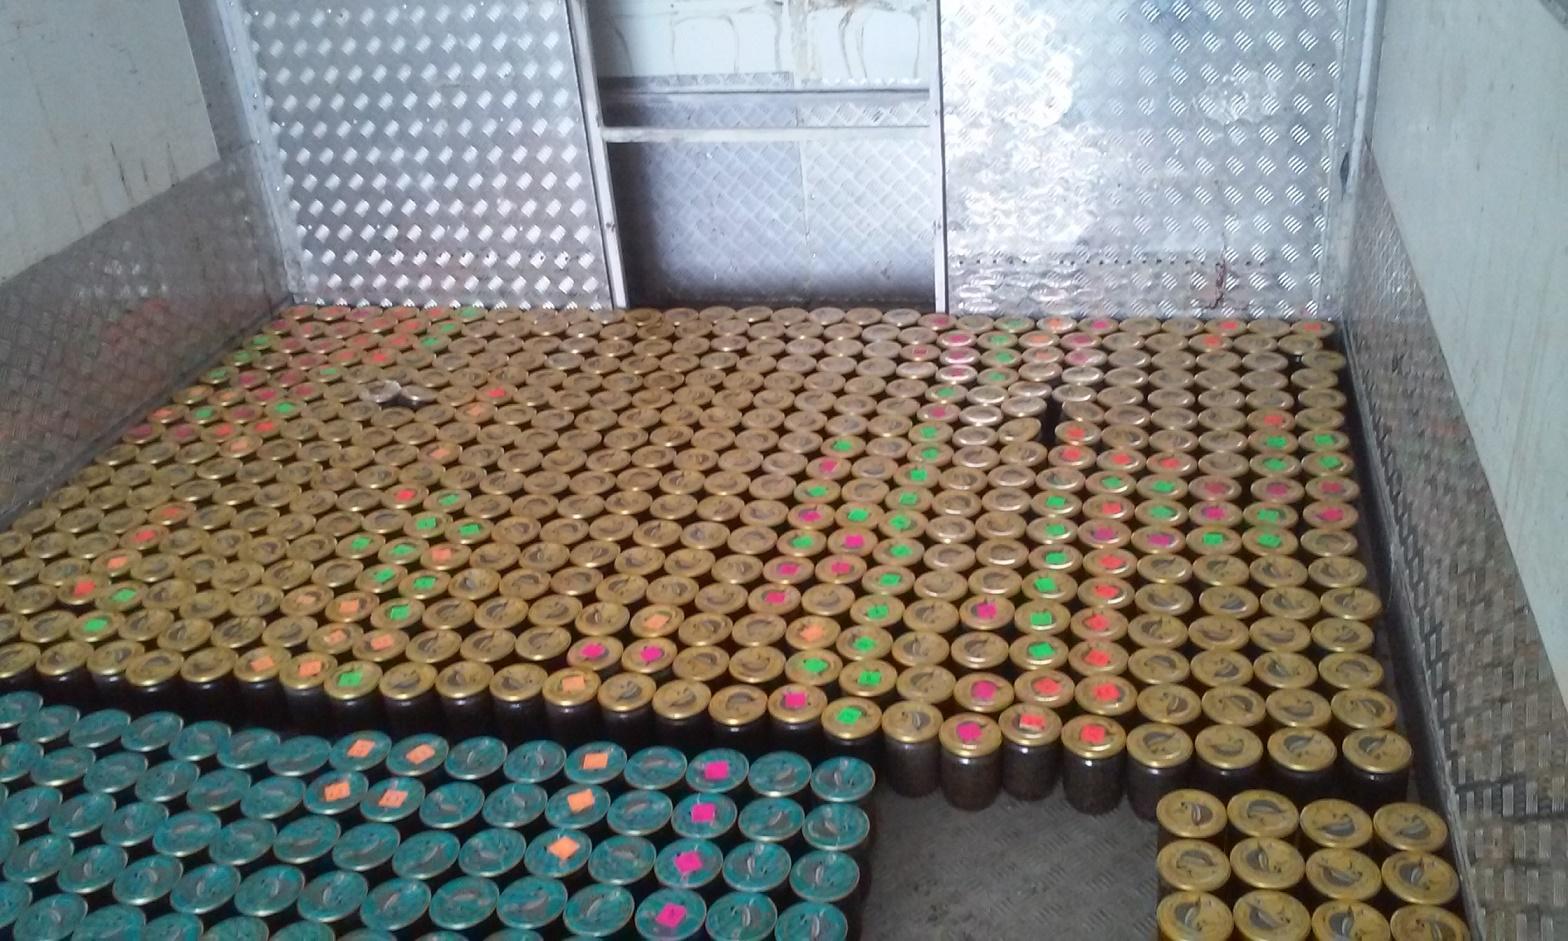 ВВолгограде работники ФСБ изъяли 450 килограммов браконьерской икры